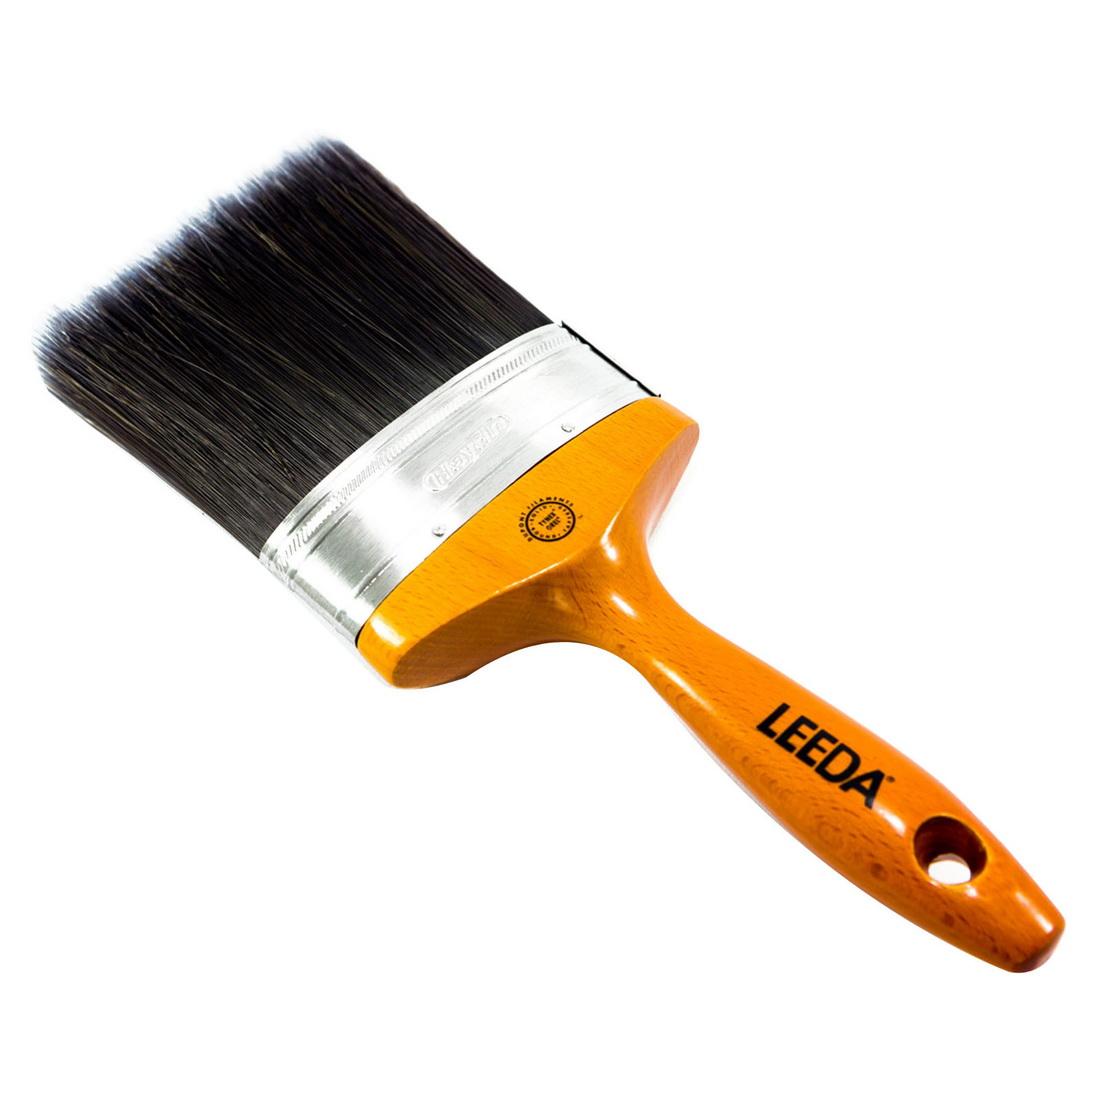 Leeda 100mm Oval Paint Brush